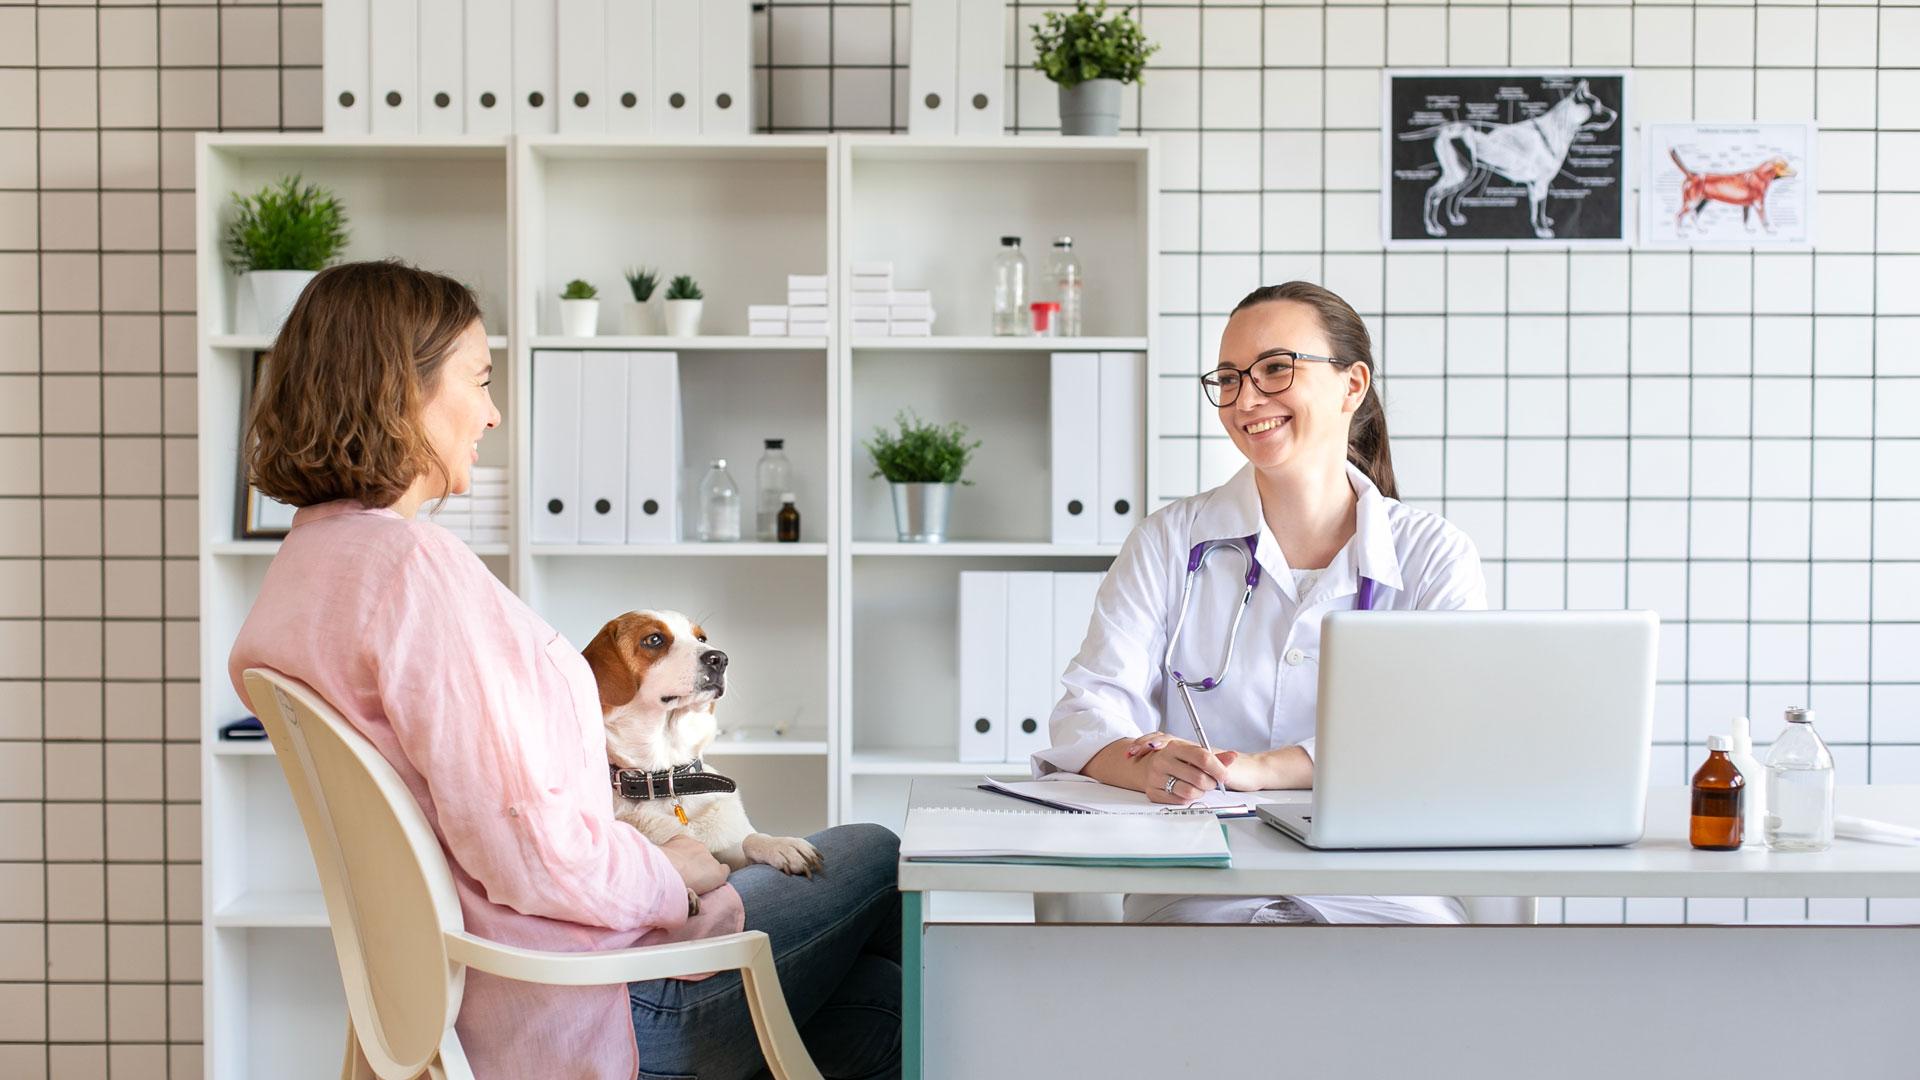 Clínica veterinaria, aparece una mujer con su perro atendida por la veterinaria